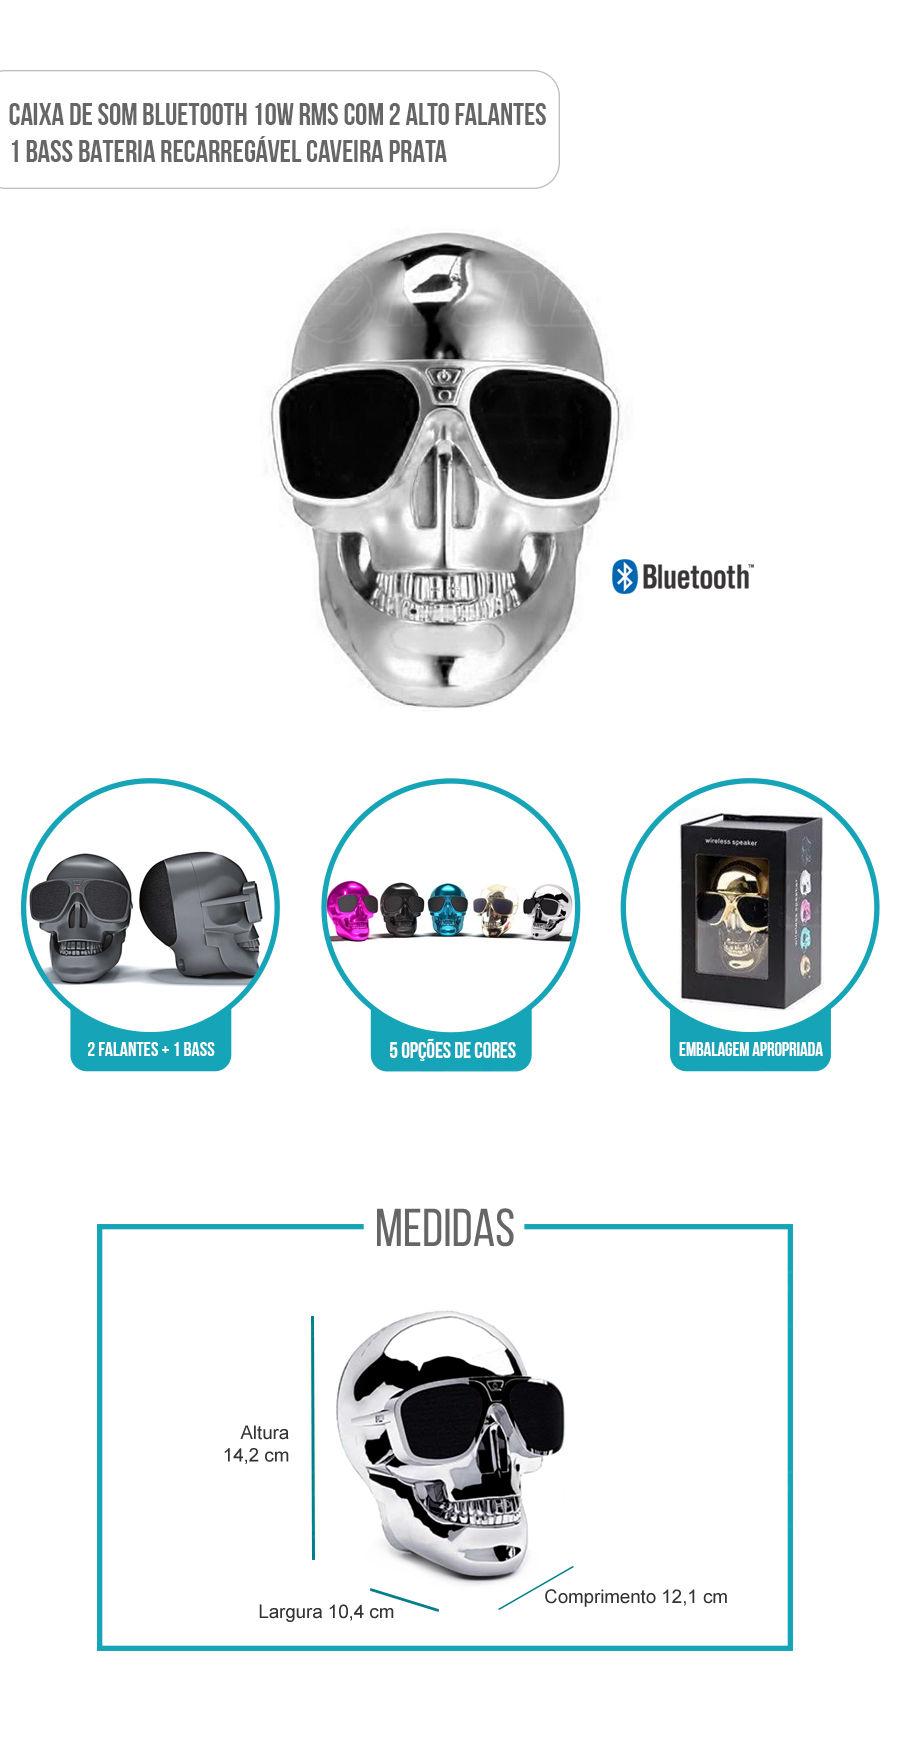 Caixa de Som Portátil com Bluetooth 10W RMS Skull Caveira Prata